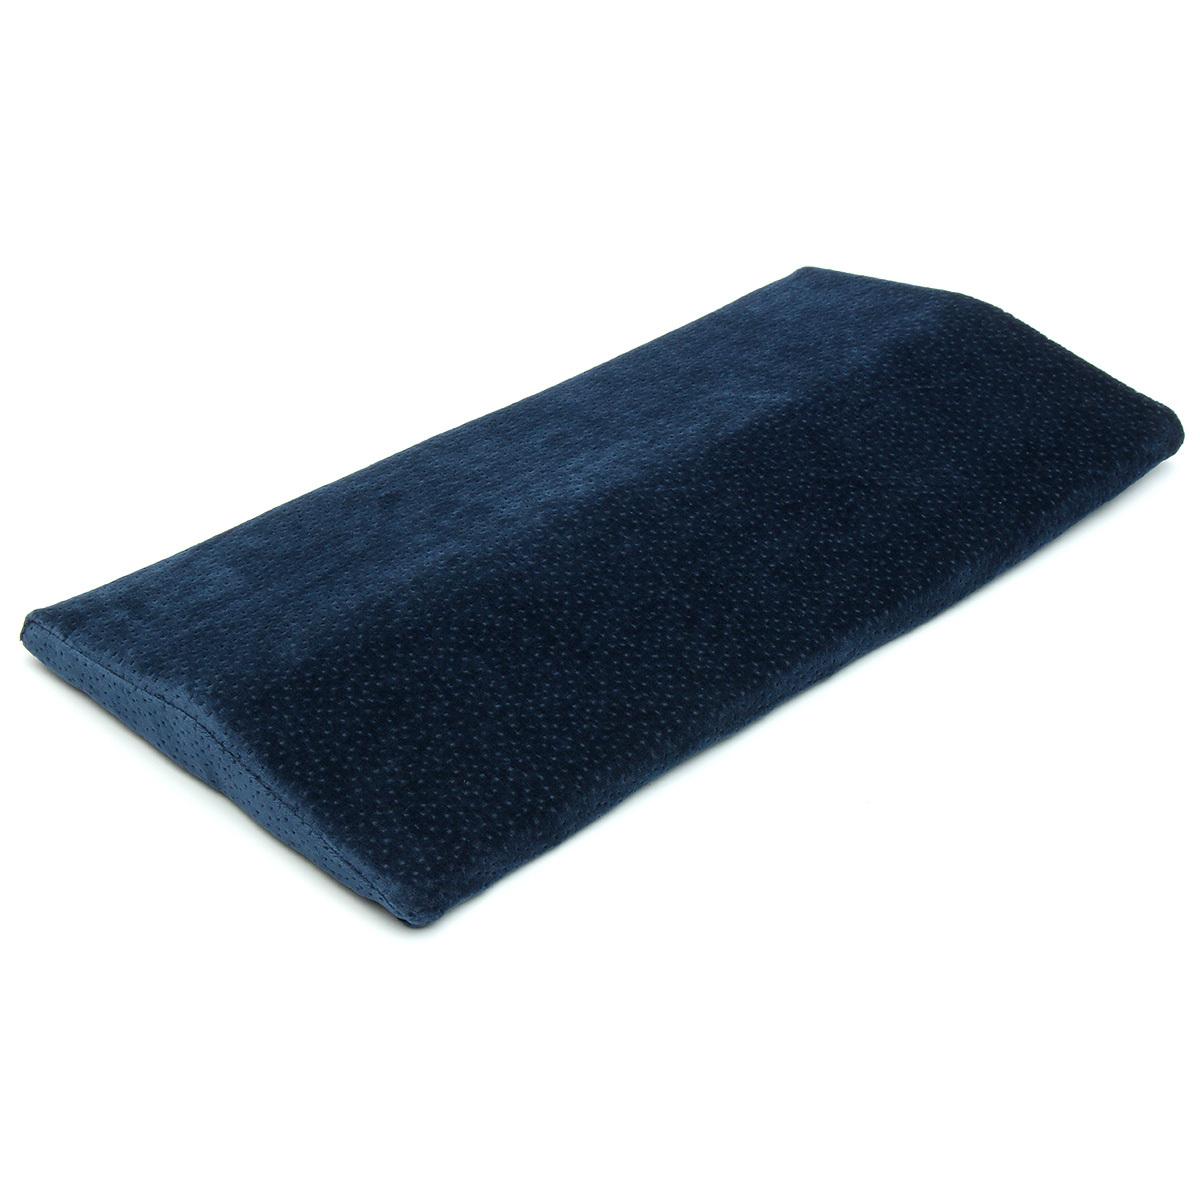 Memory Foam Lumbar Pillow Sleeping Waist Back Support